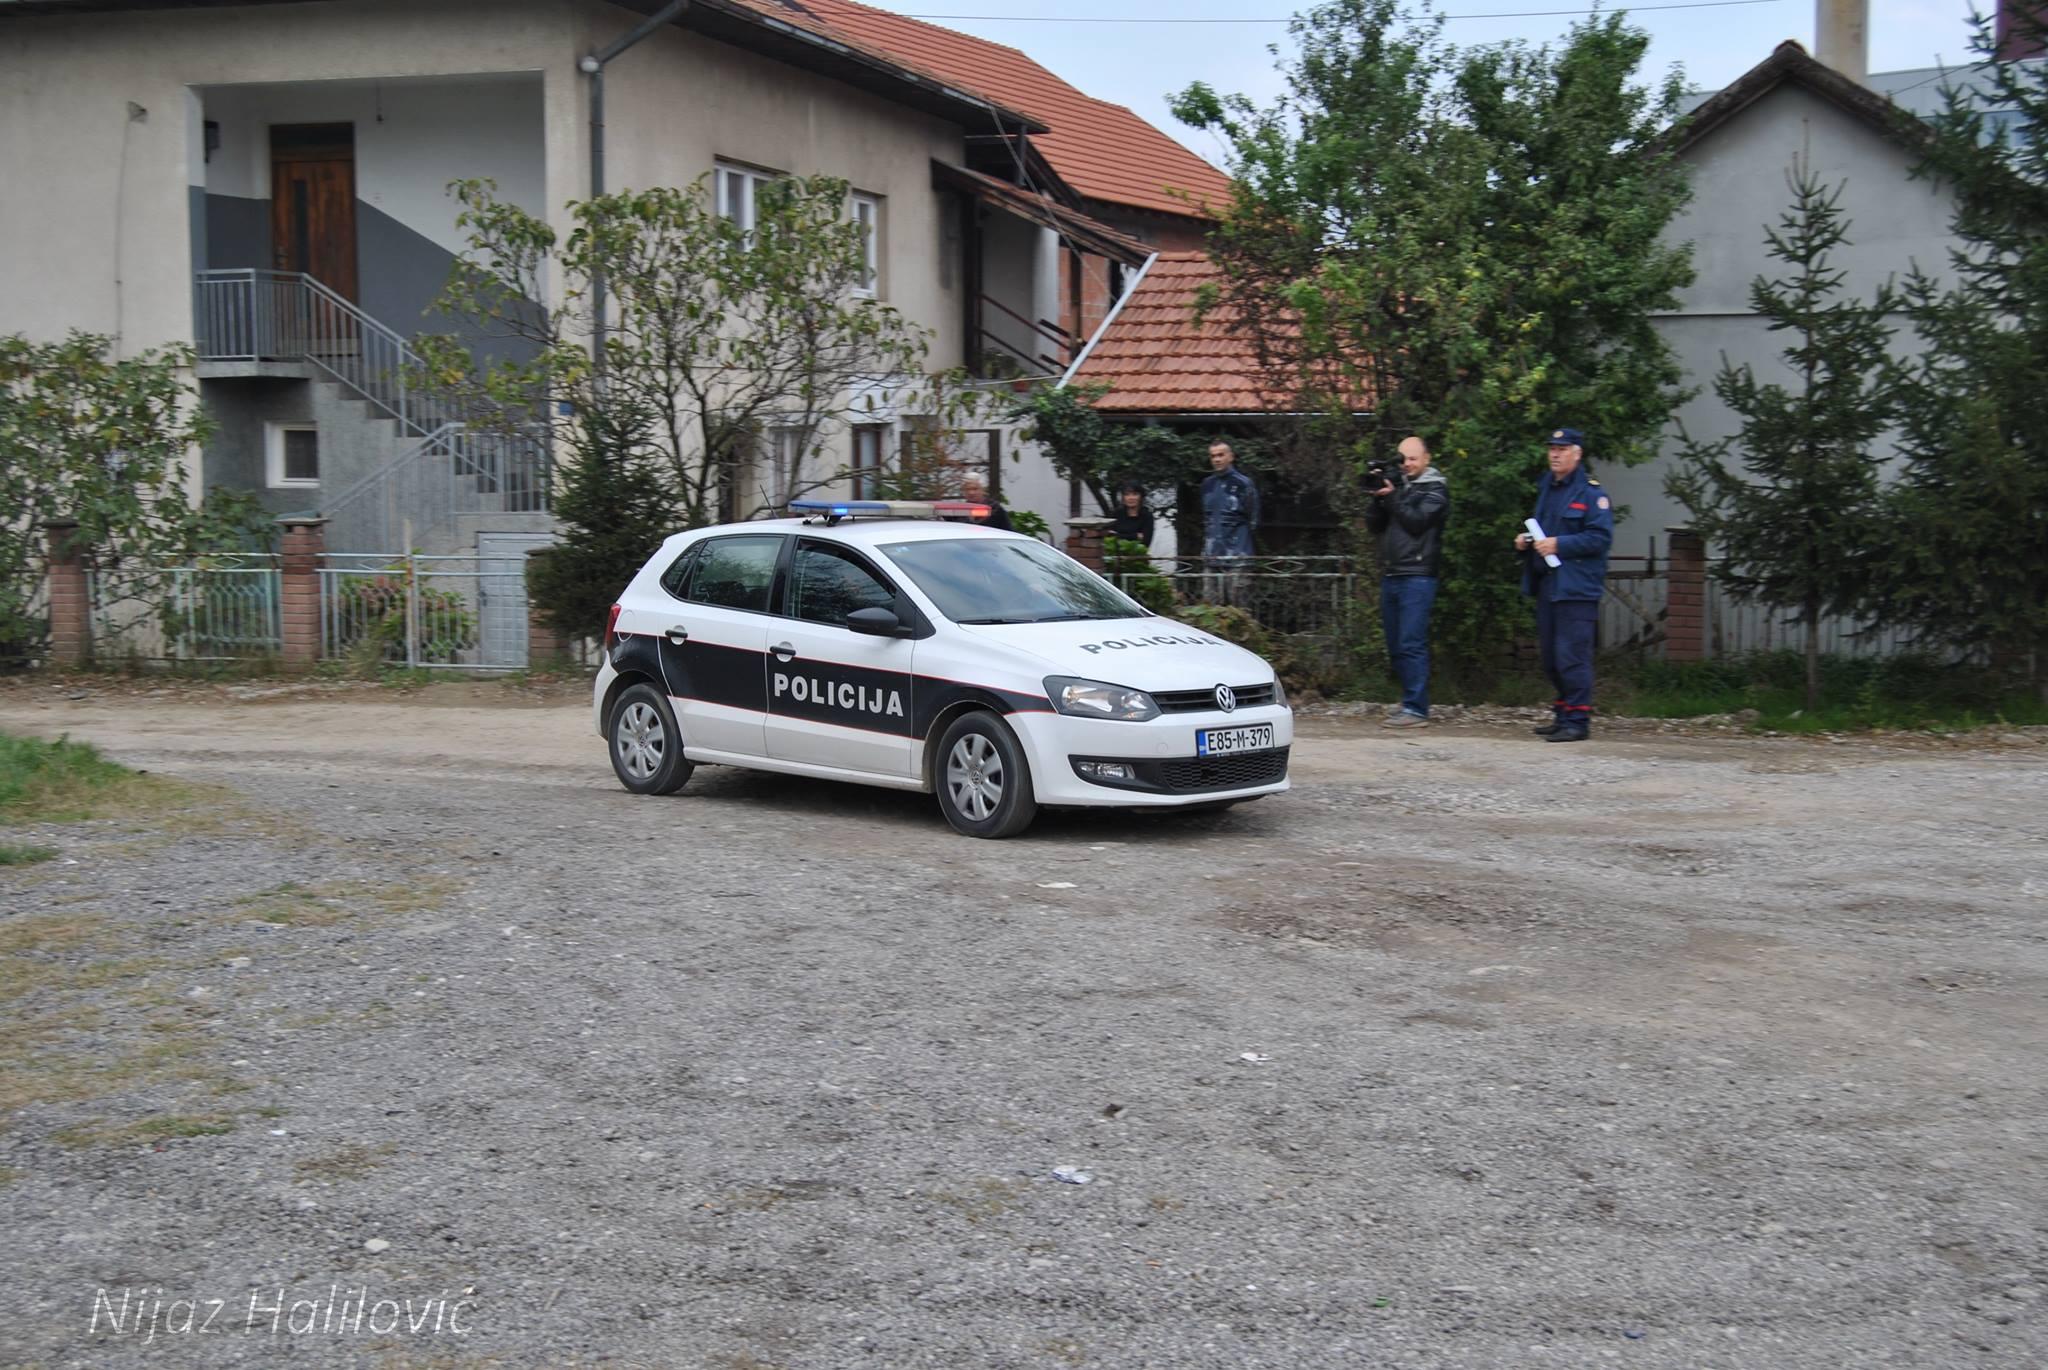 srebrenik-skola-04